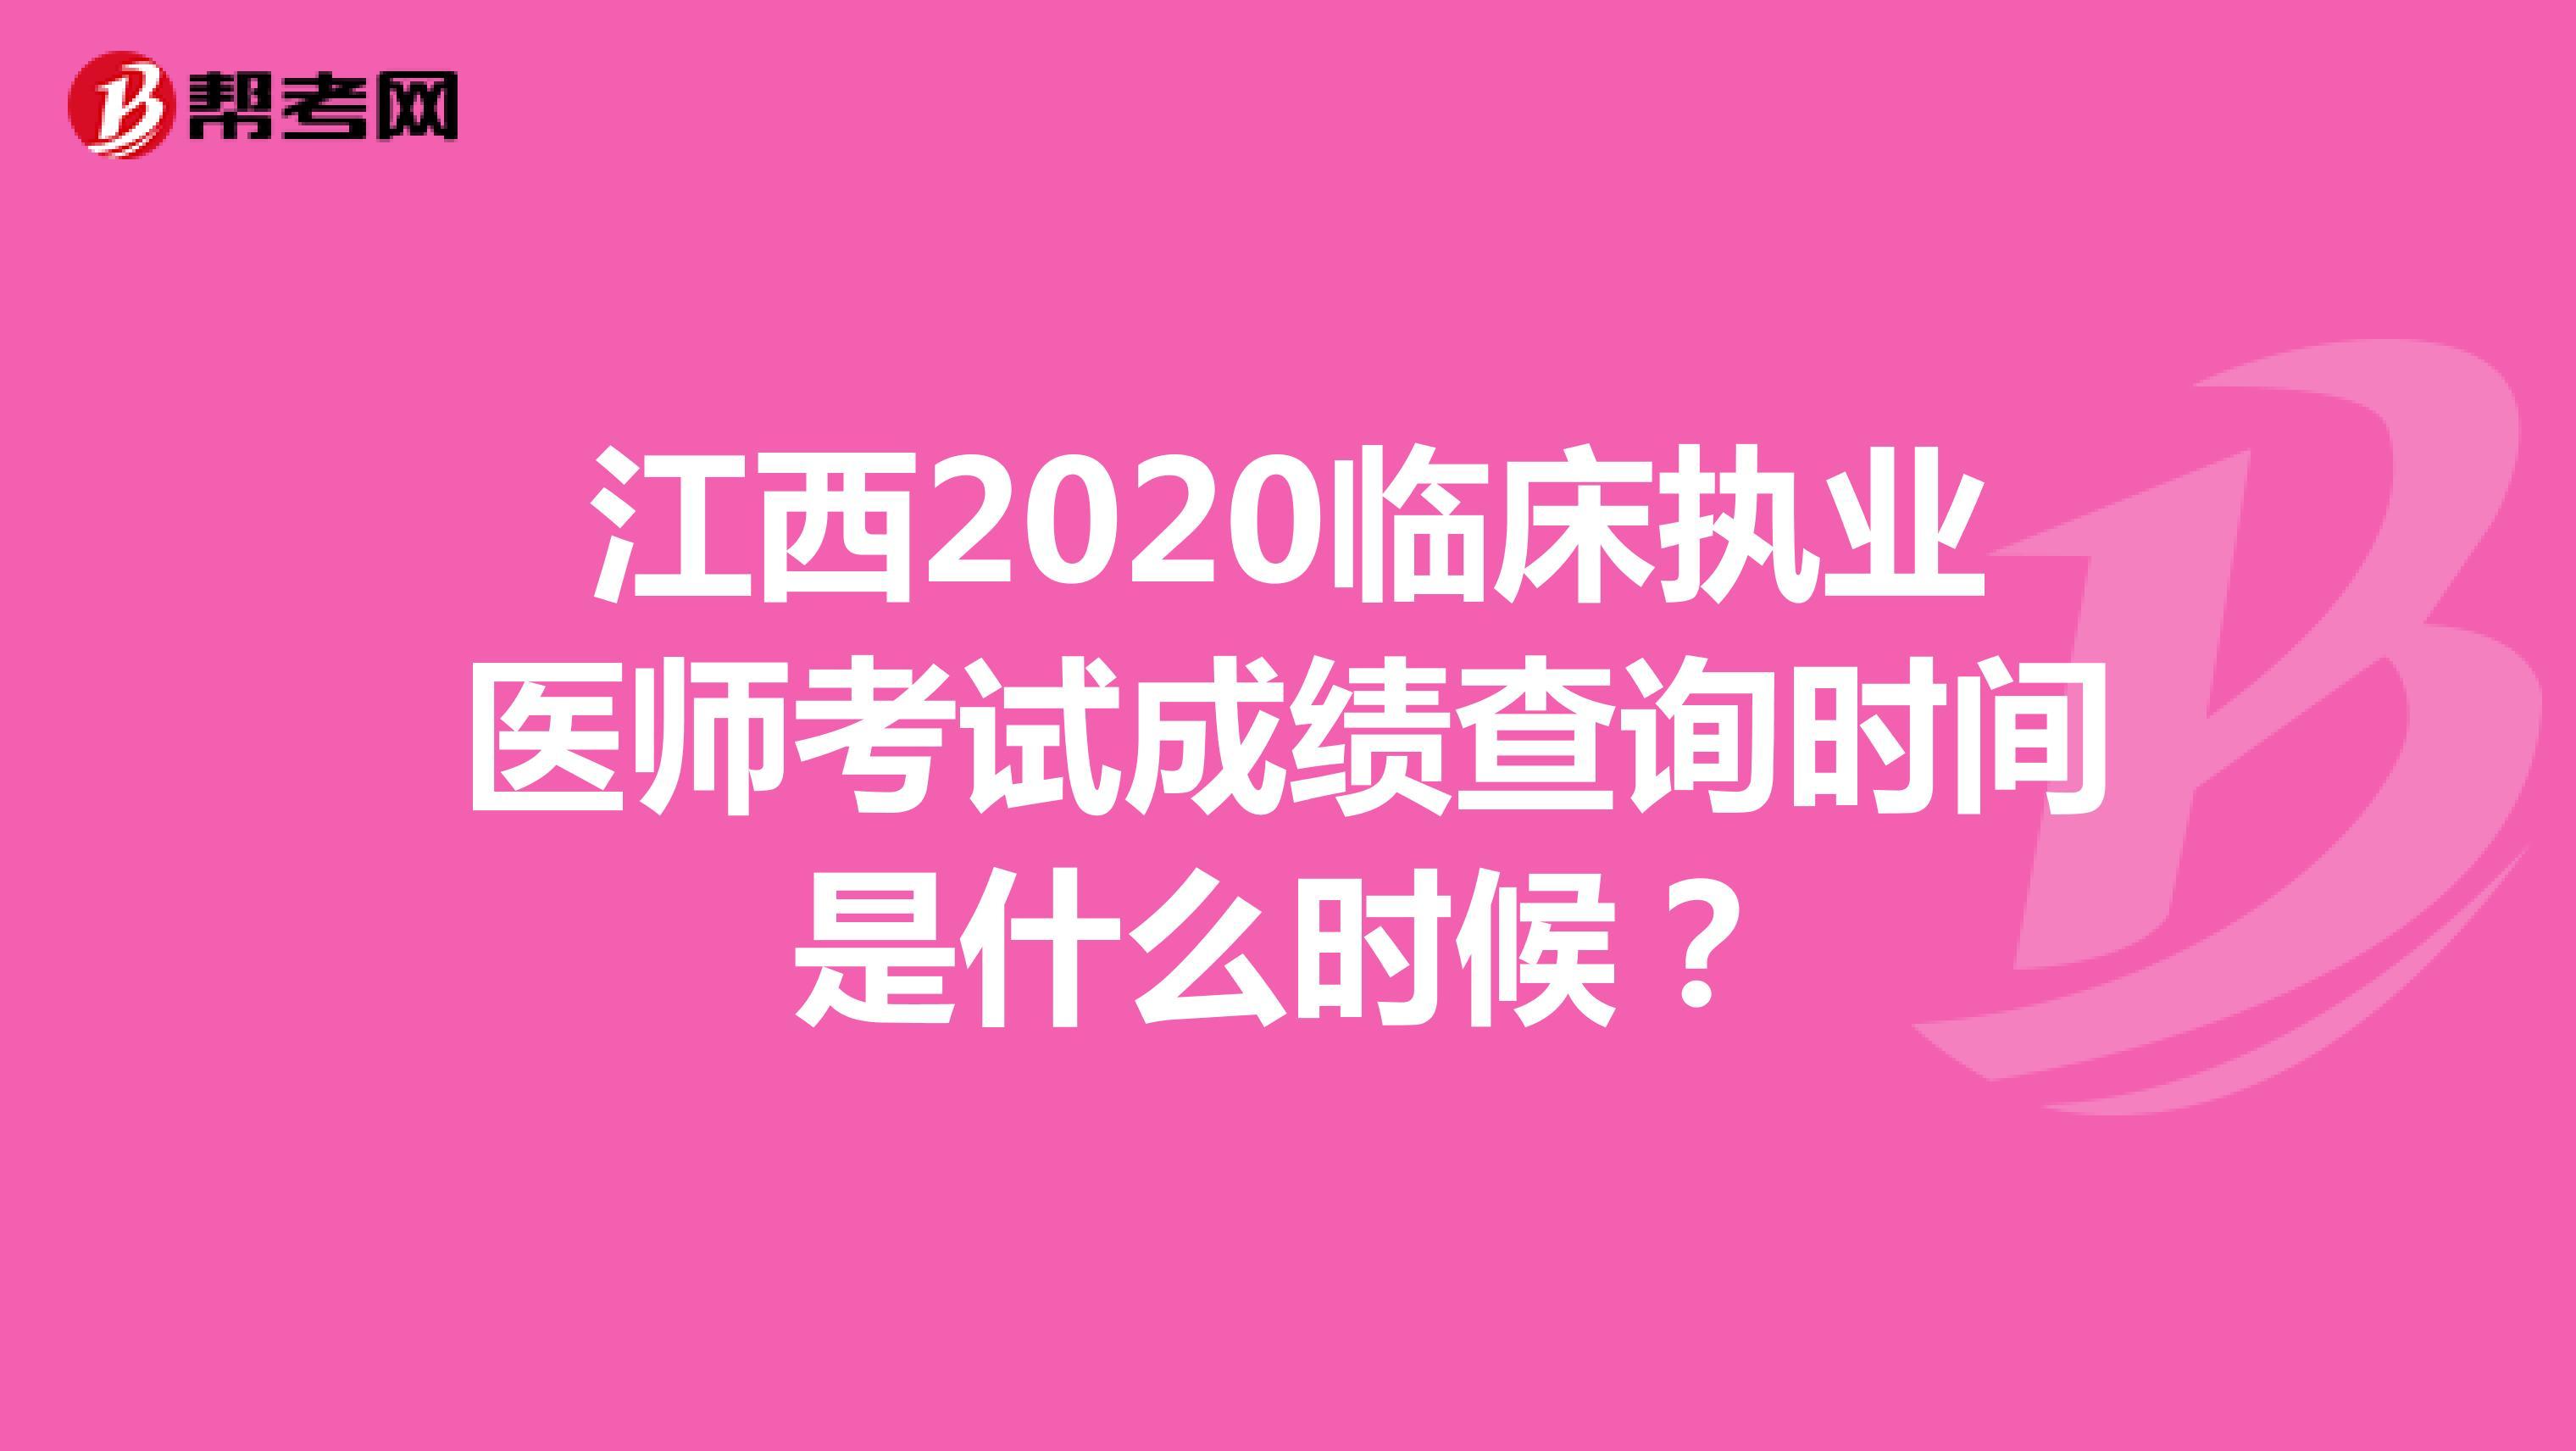 江西2020临床执业医师考试成绩查询时间是什么时候?